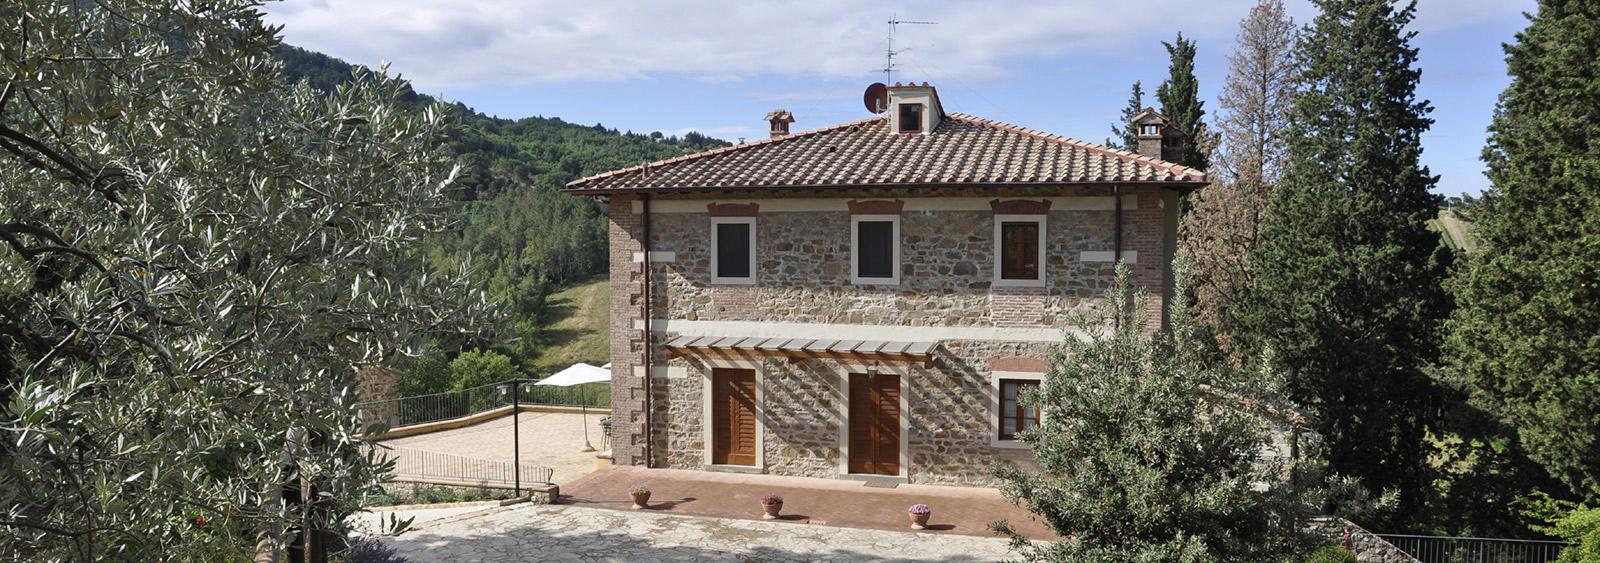 Giada - holiday villas in Bagno a Ripoli - Ville in Italia